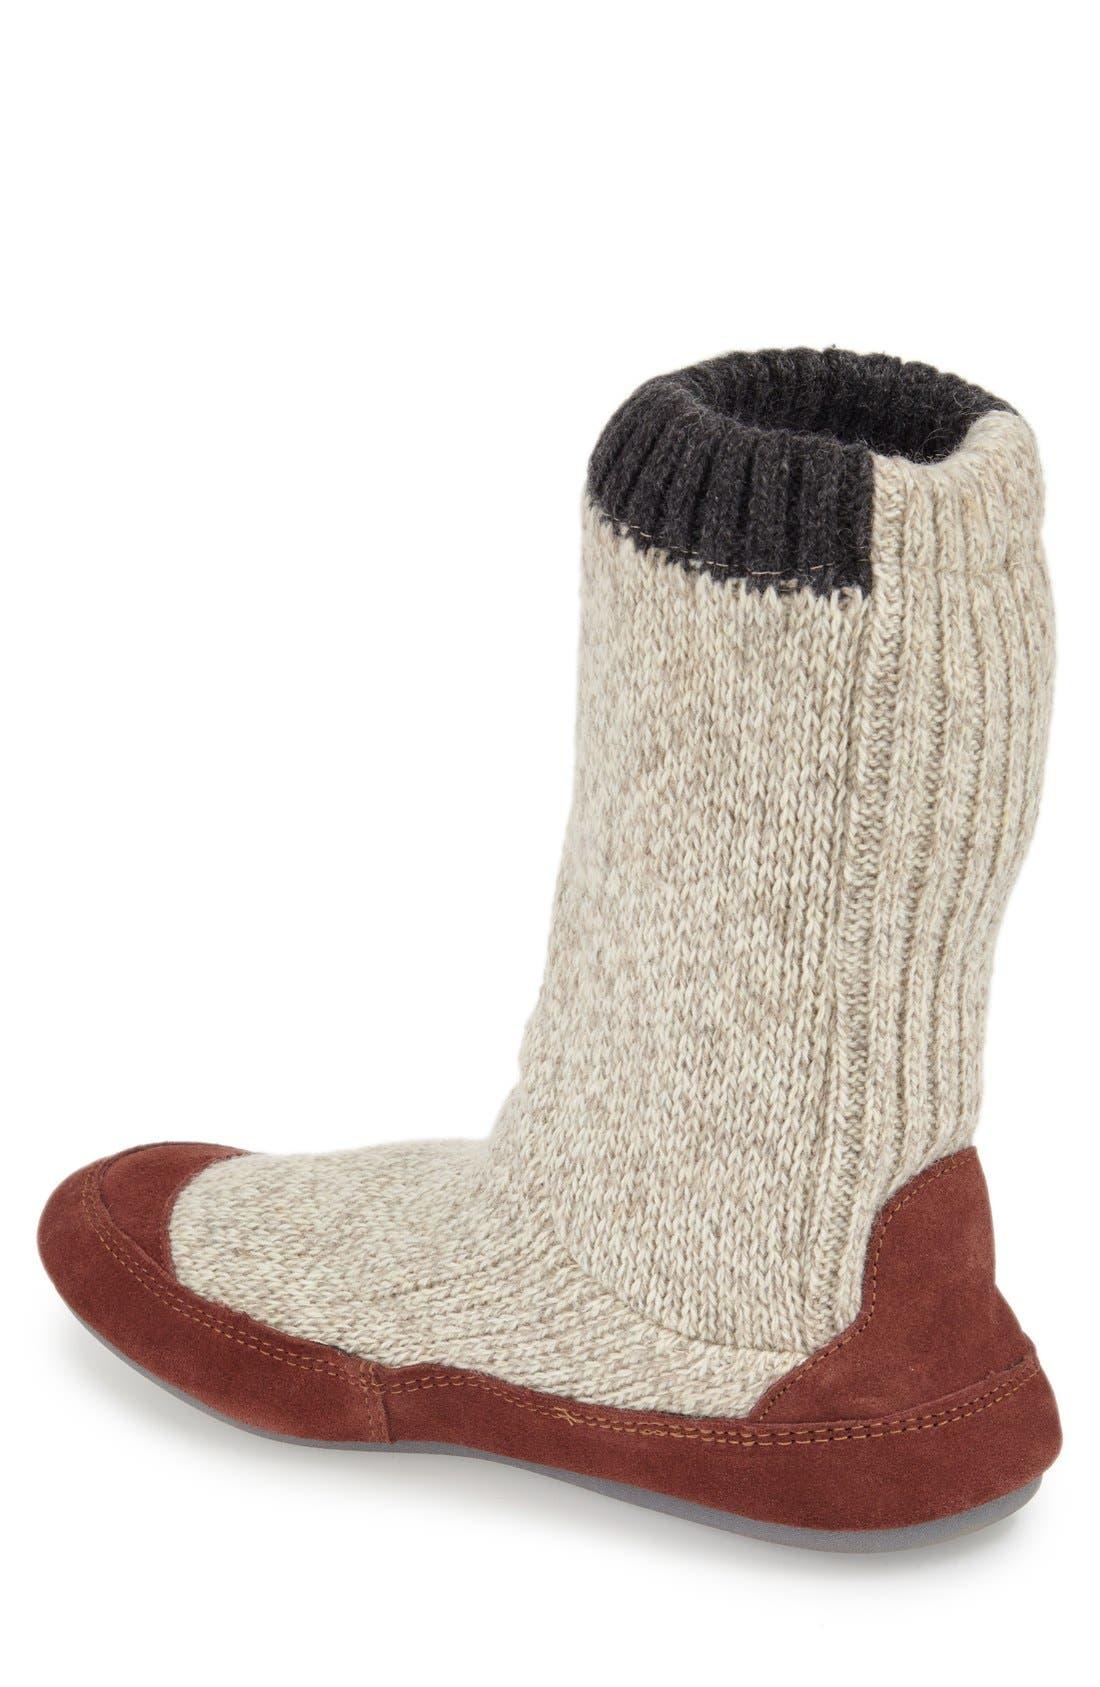 Alternate Image 2  - Acorn 'Slouch Boot' Slipper (Men)